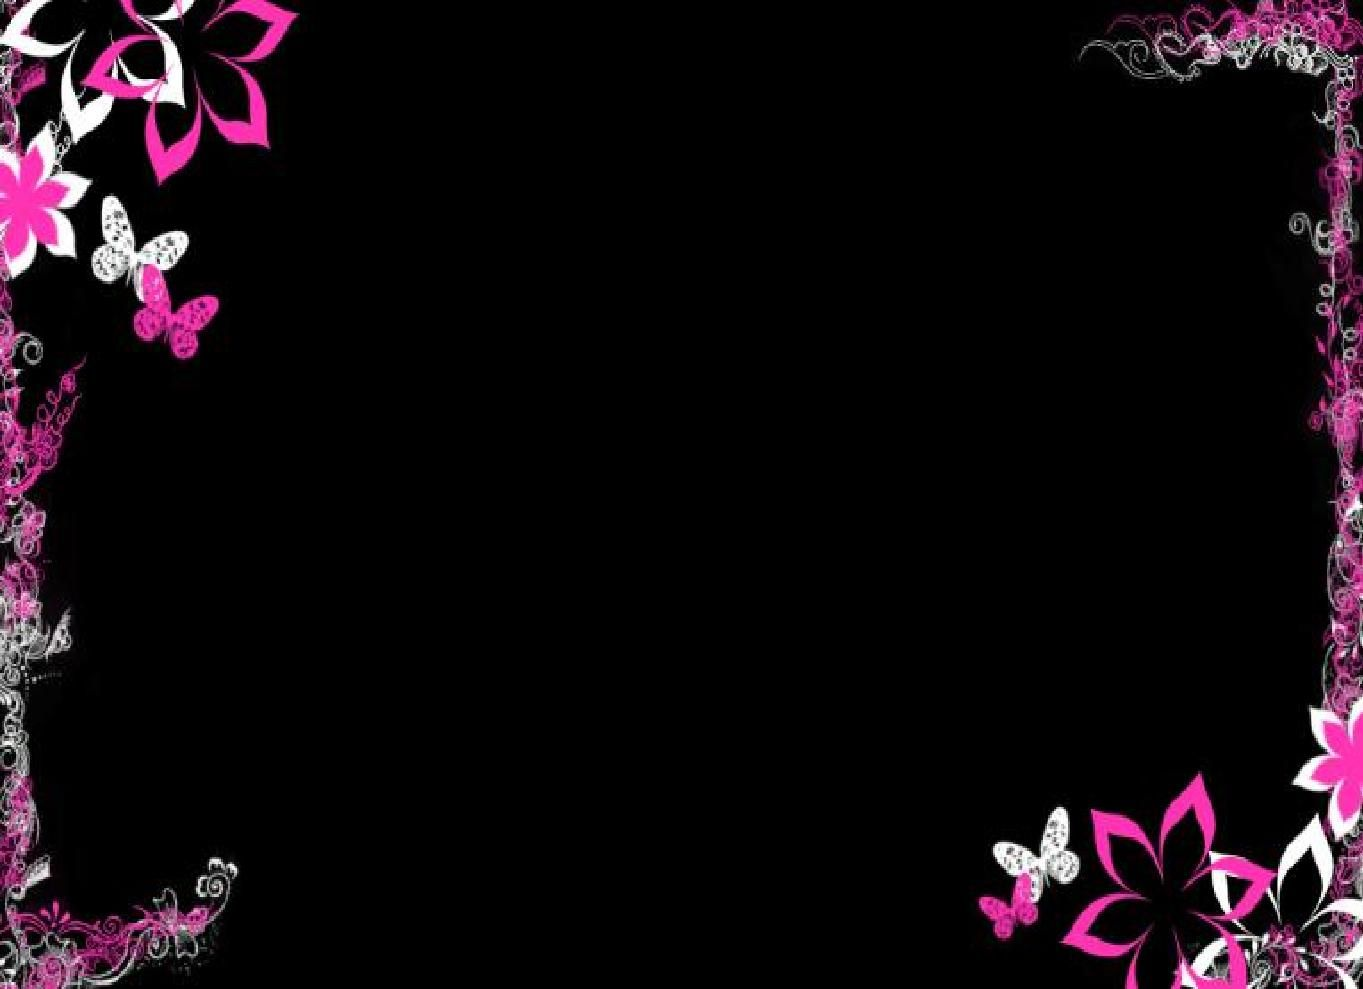 Love This Purple Flower Background Dark Purple Flowers Flower Backgrounds